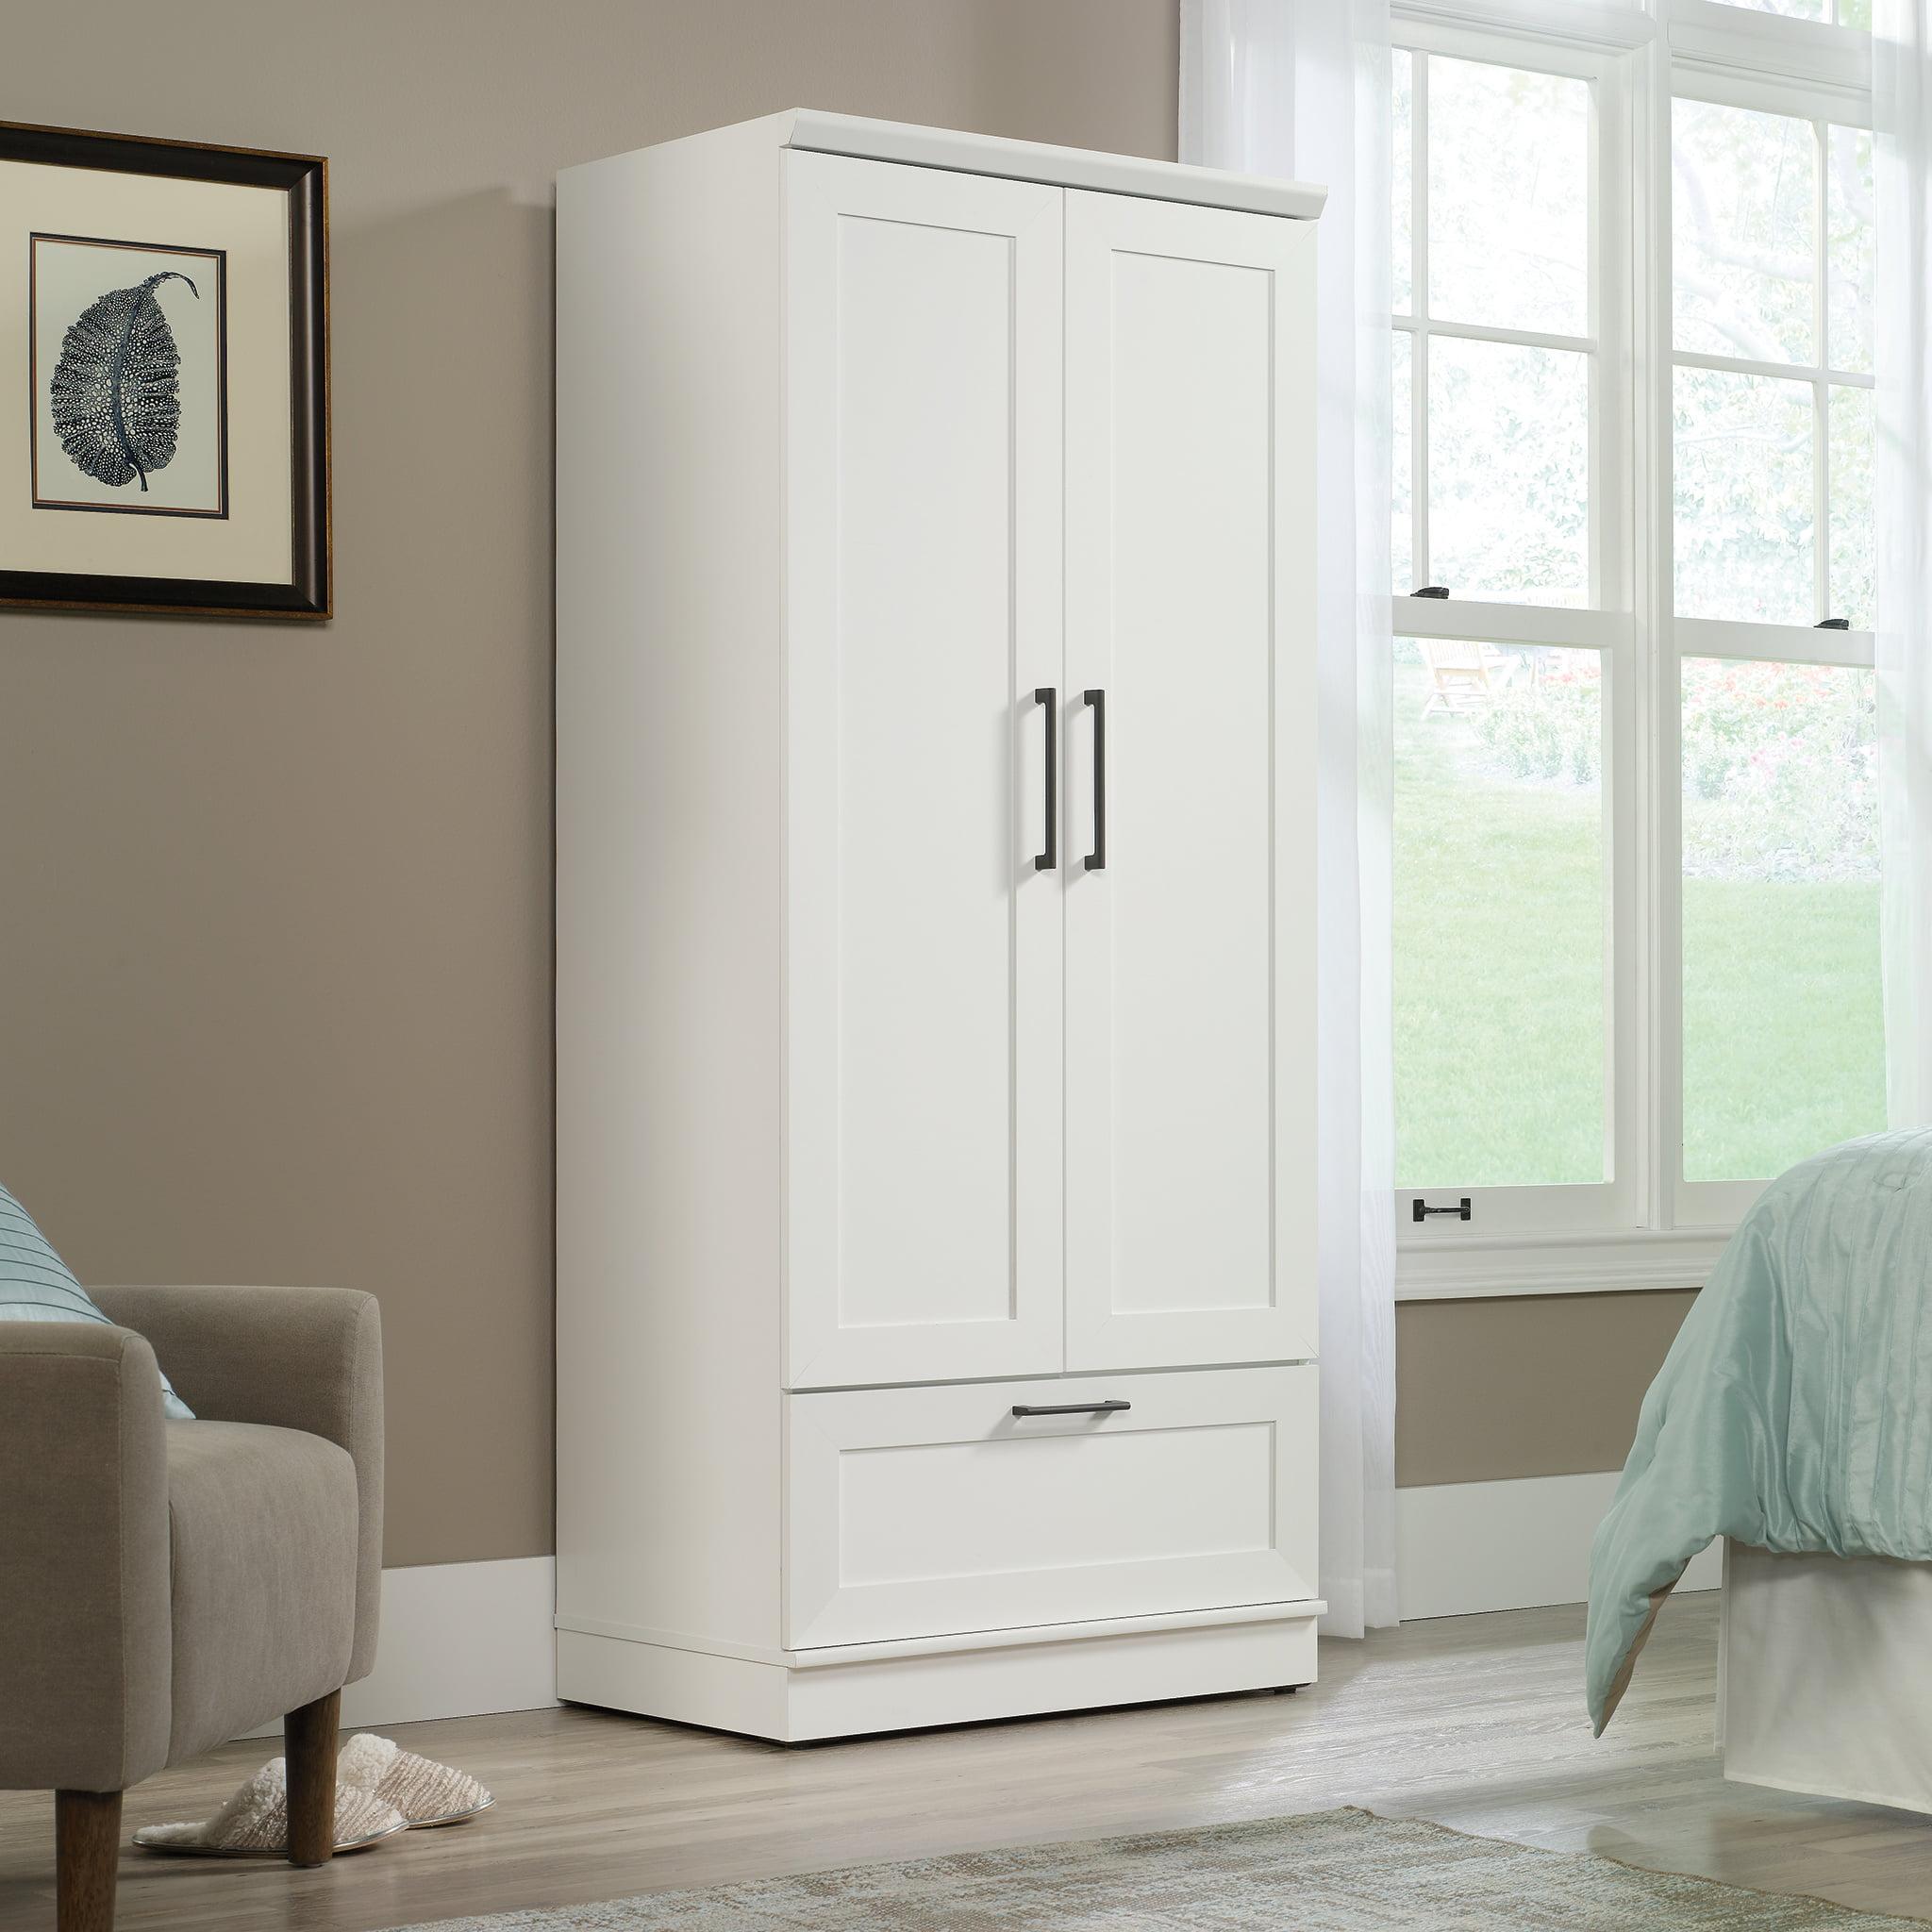 Sauder Homeplus Wardrobe Storage